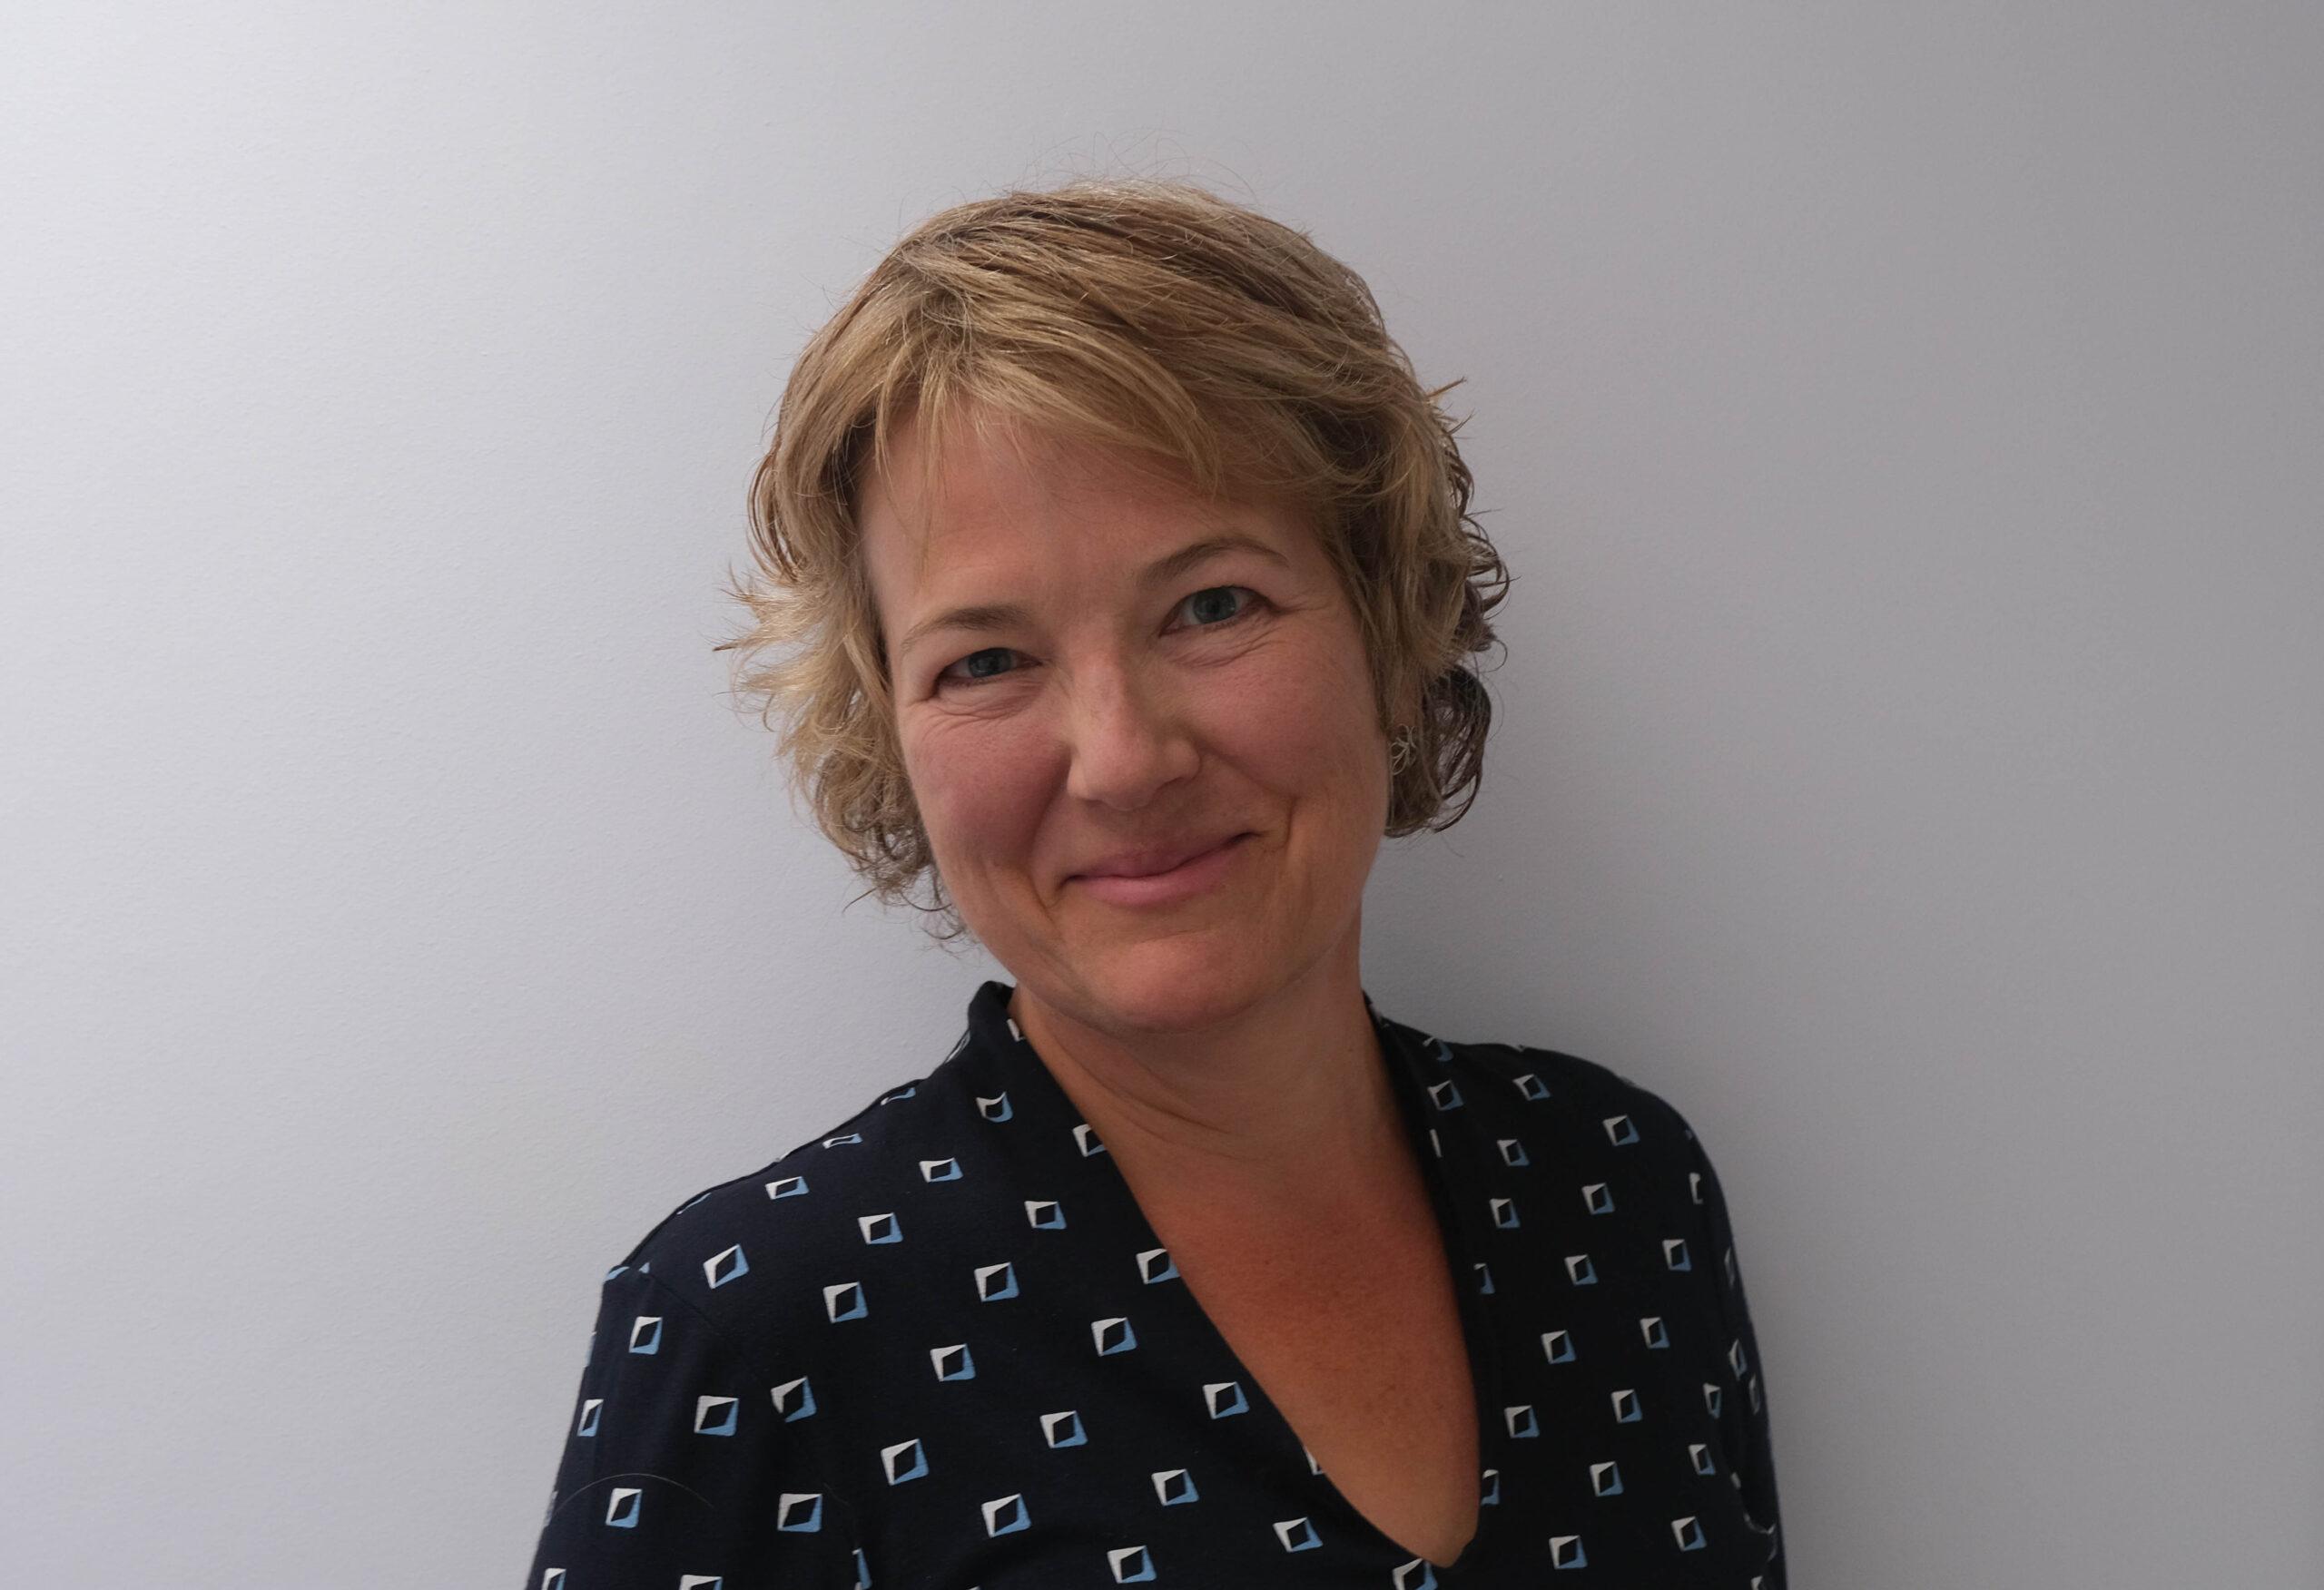 Julie Randles